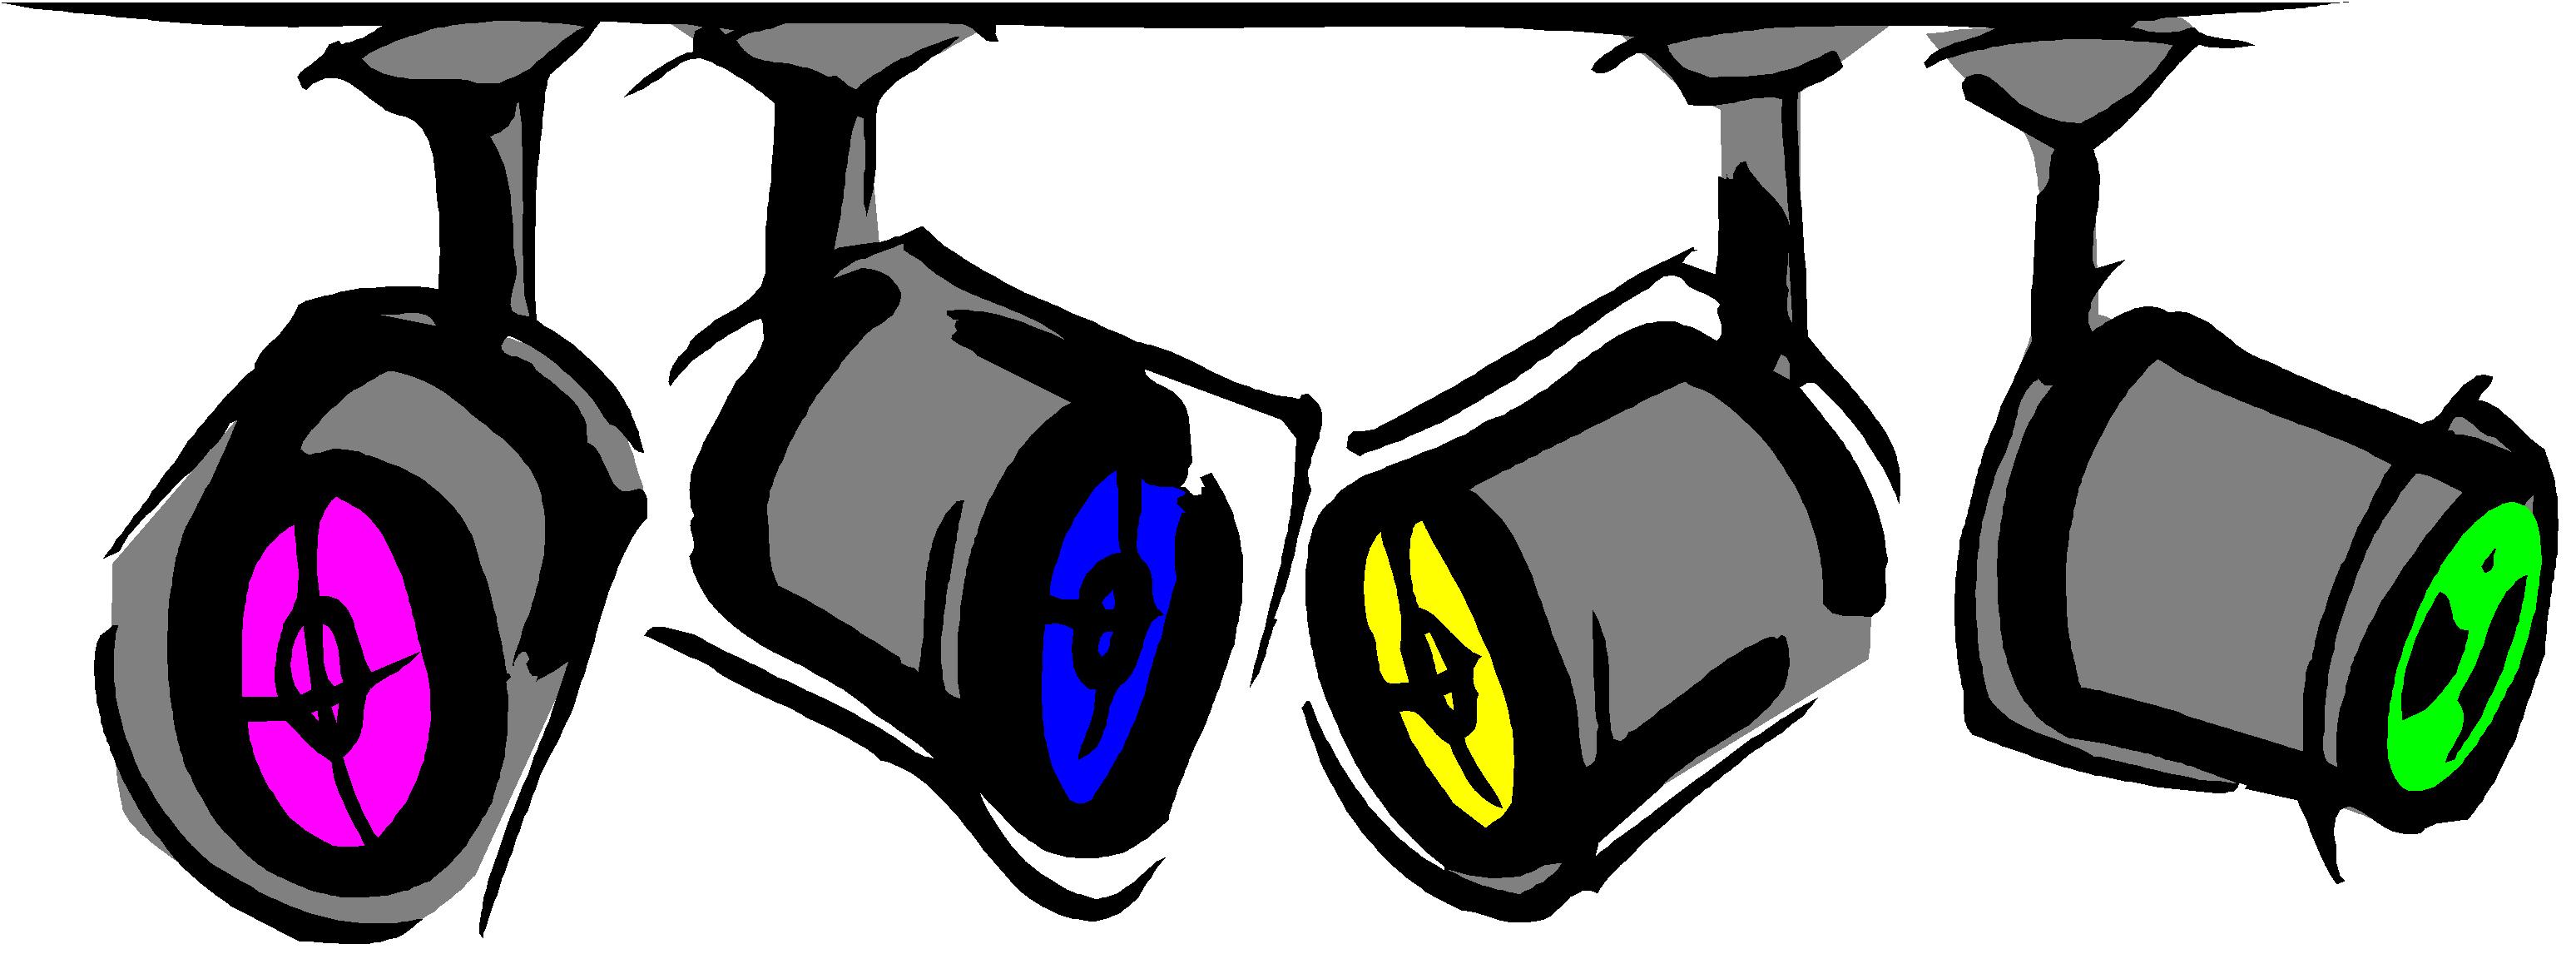 Related Clipart. Spotlight - Spotlight Clipart